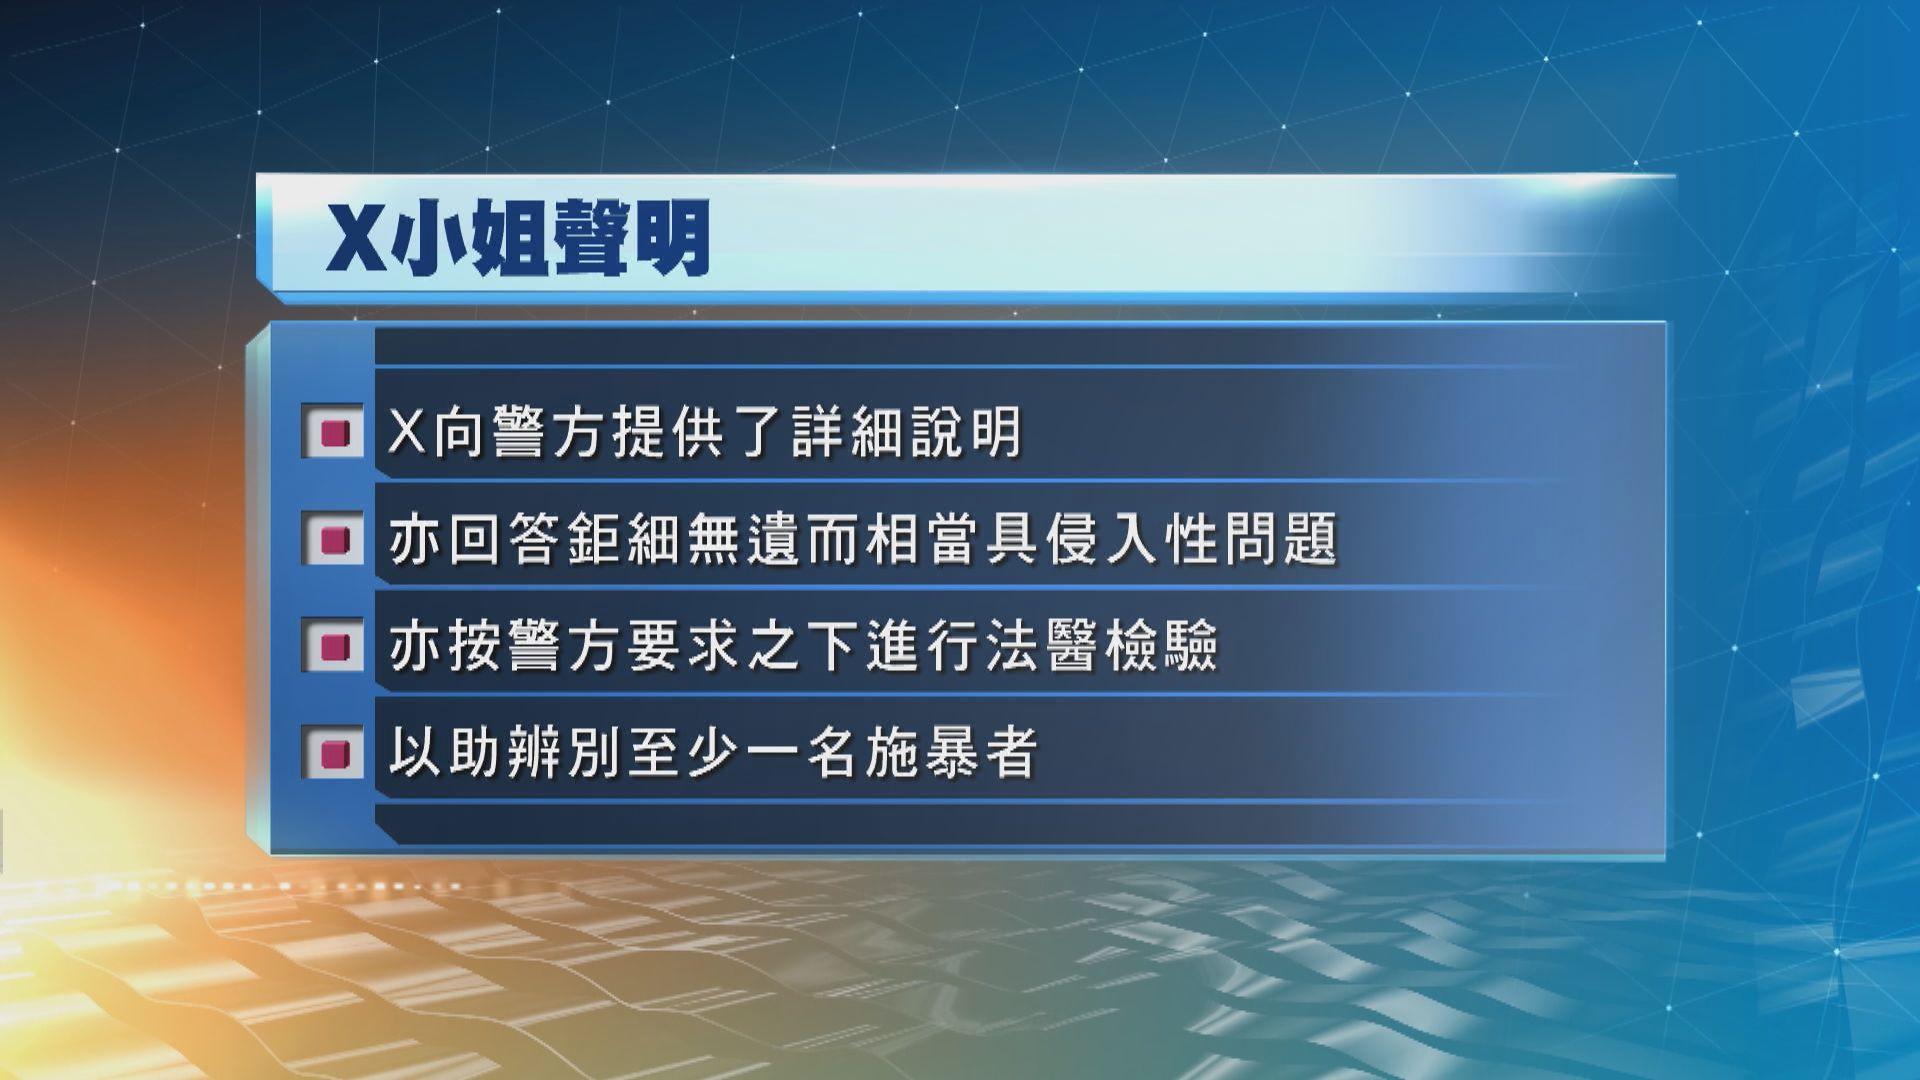 報稱警署內被強姦少女發聲明 批評鄧炳強公開抹黑